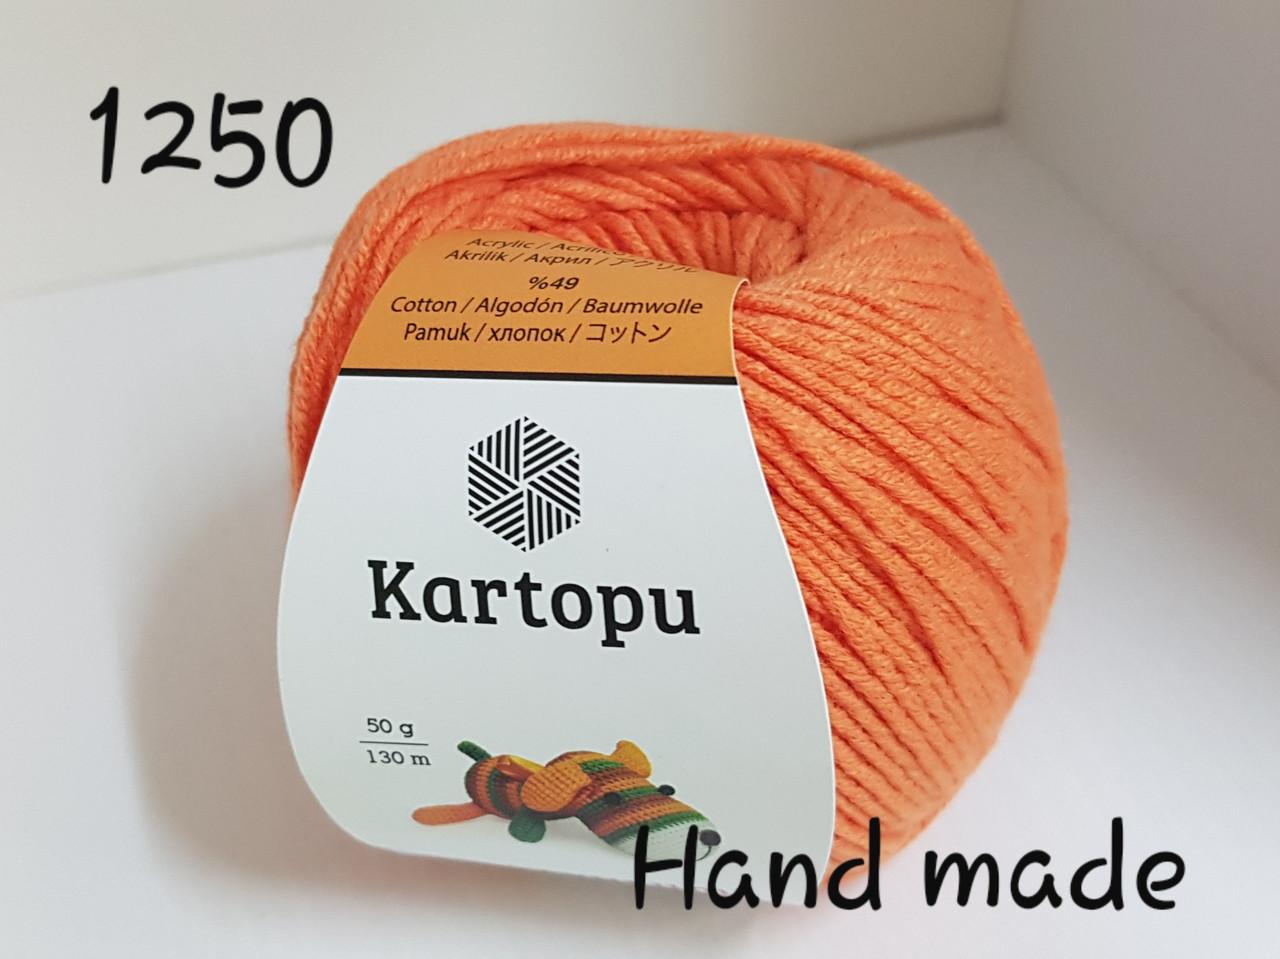 75 руб. Kartopu Amigurumi K940 купить пряжу в интернет магазине ... | 959x1280